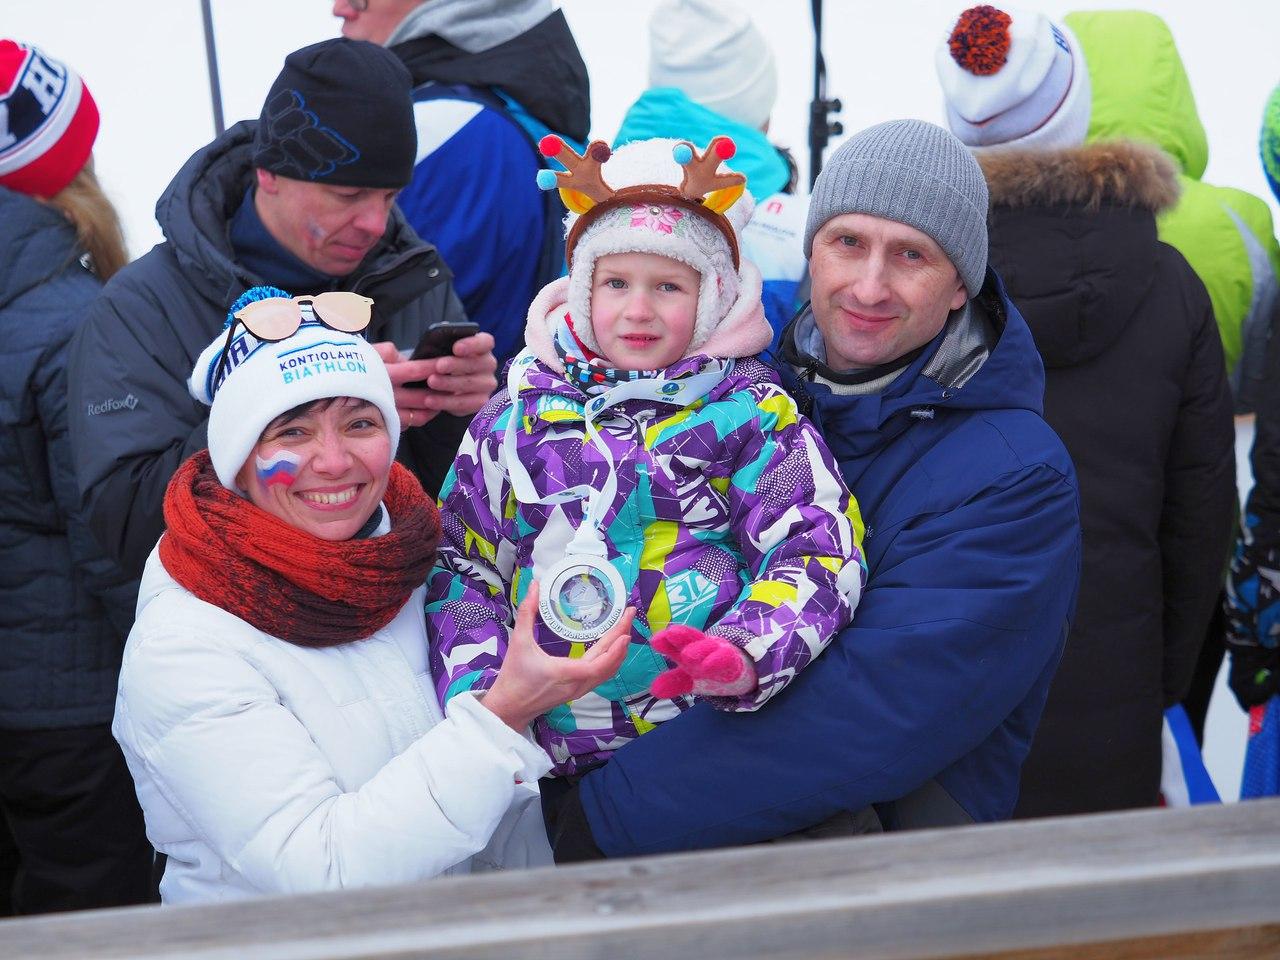 Слева в белой куртке та самая Лена из нашей группы